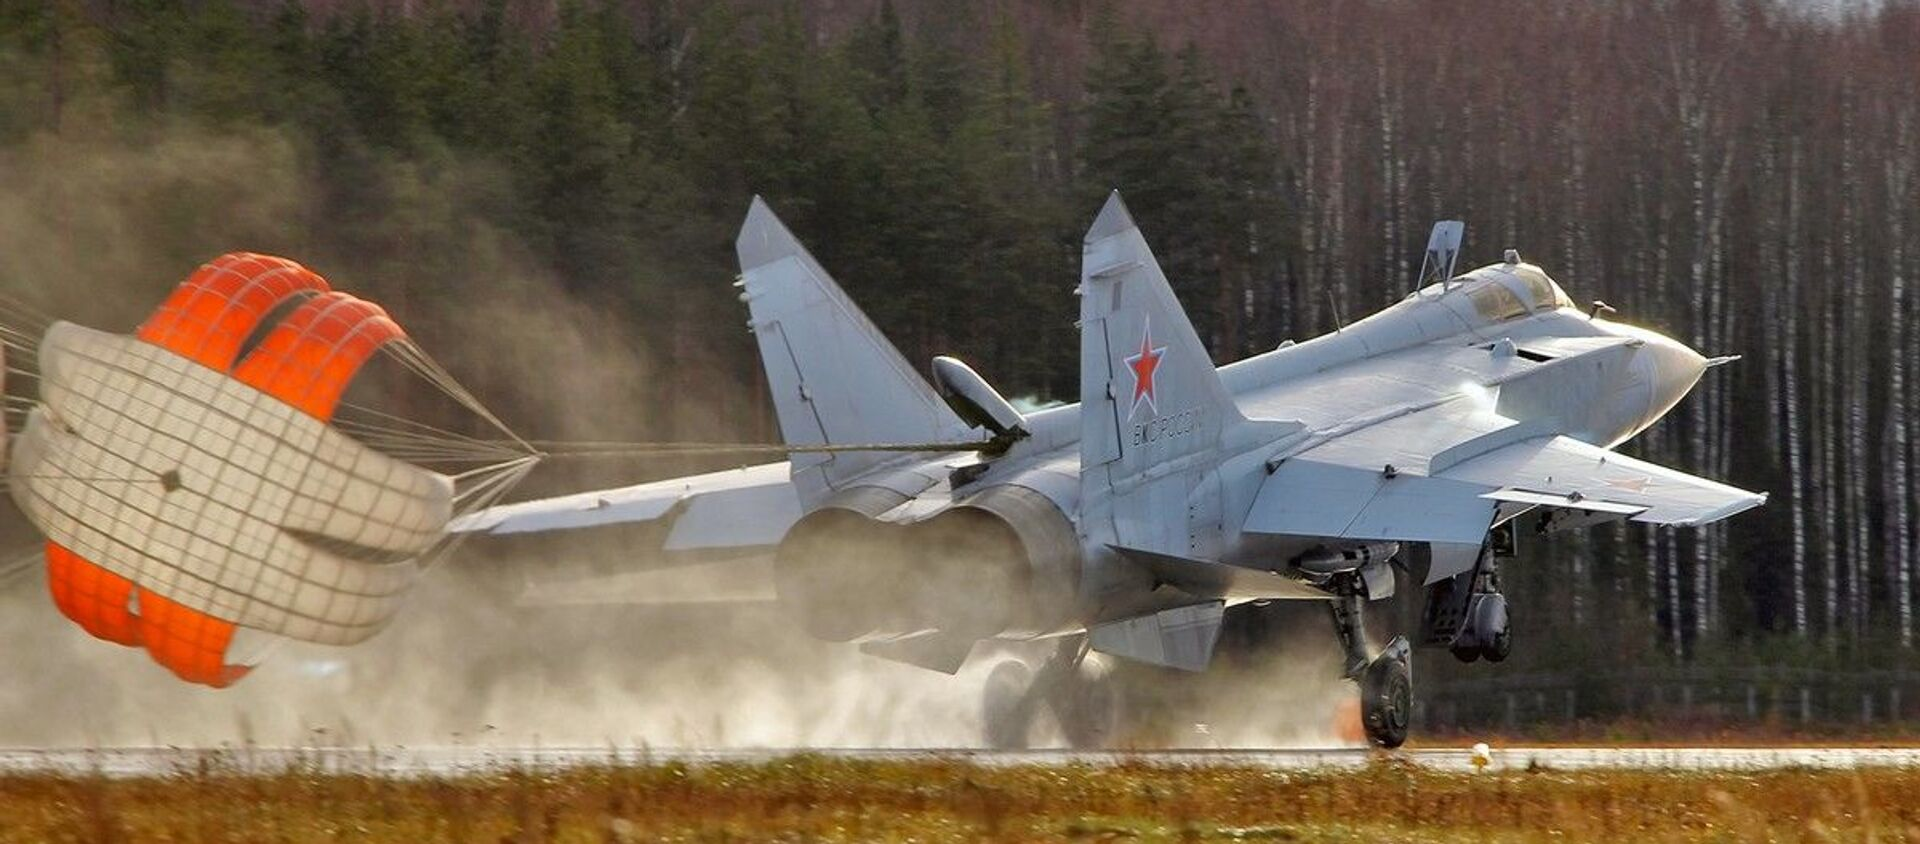 Loty szkoleniowe Su-35 i MiG-31 w obwodzie twerskim - Sputnik Polska, 1920, 31.03.2021